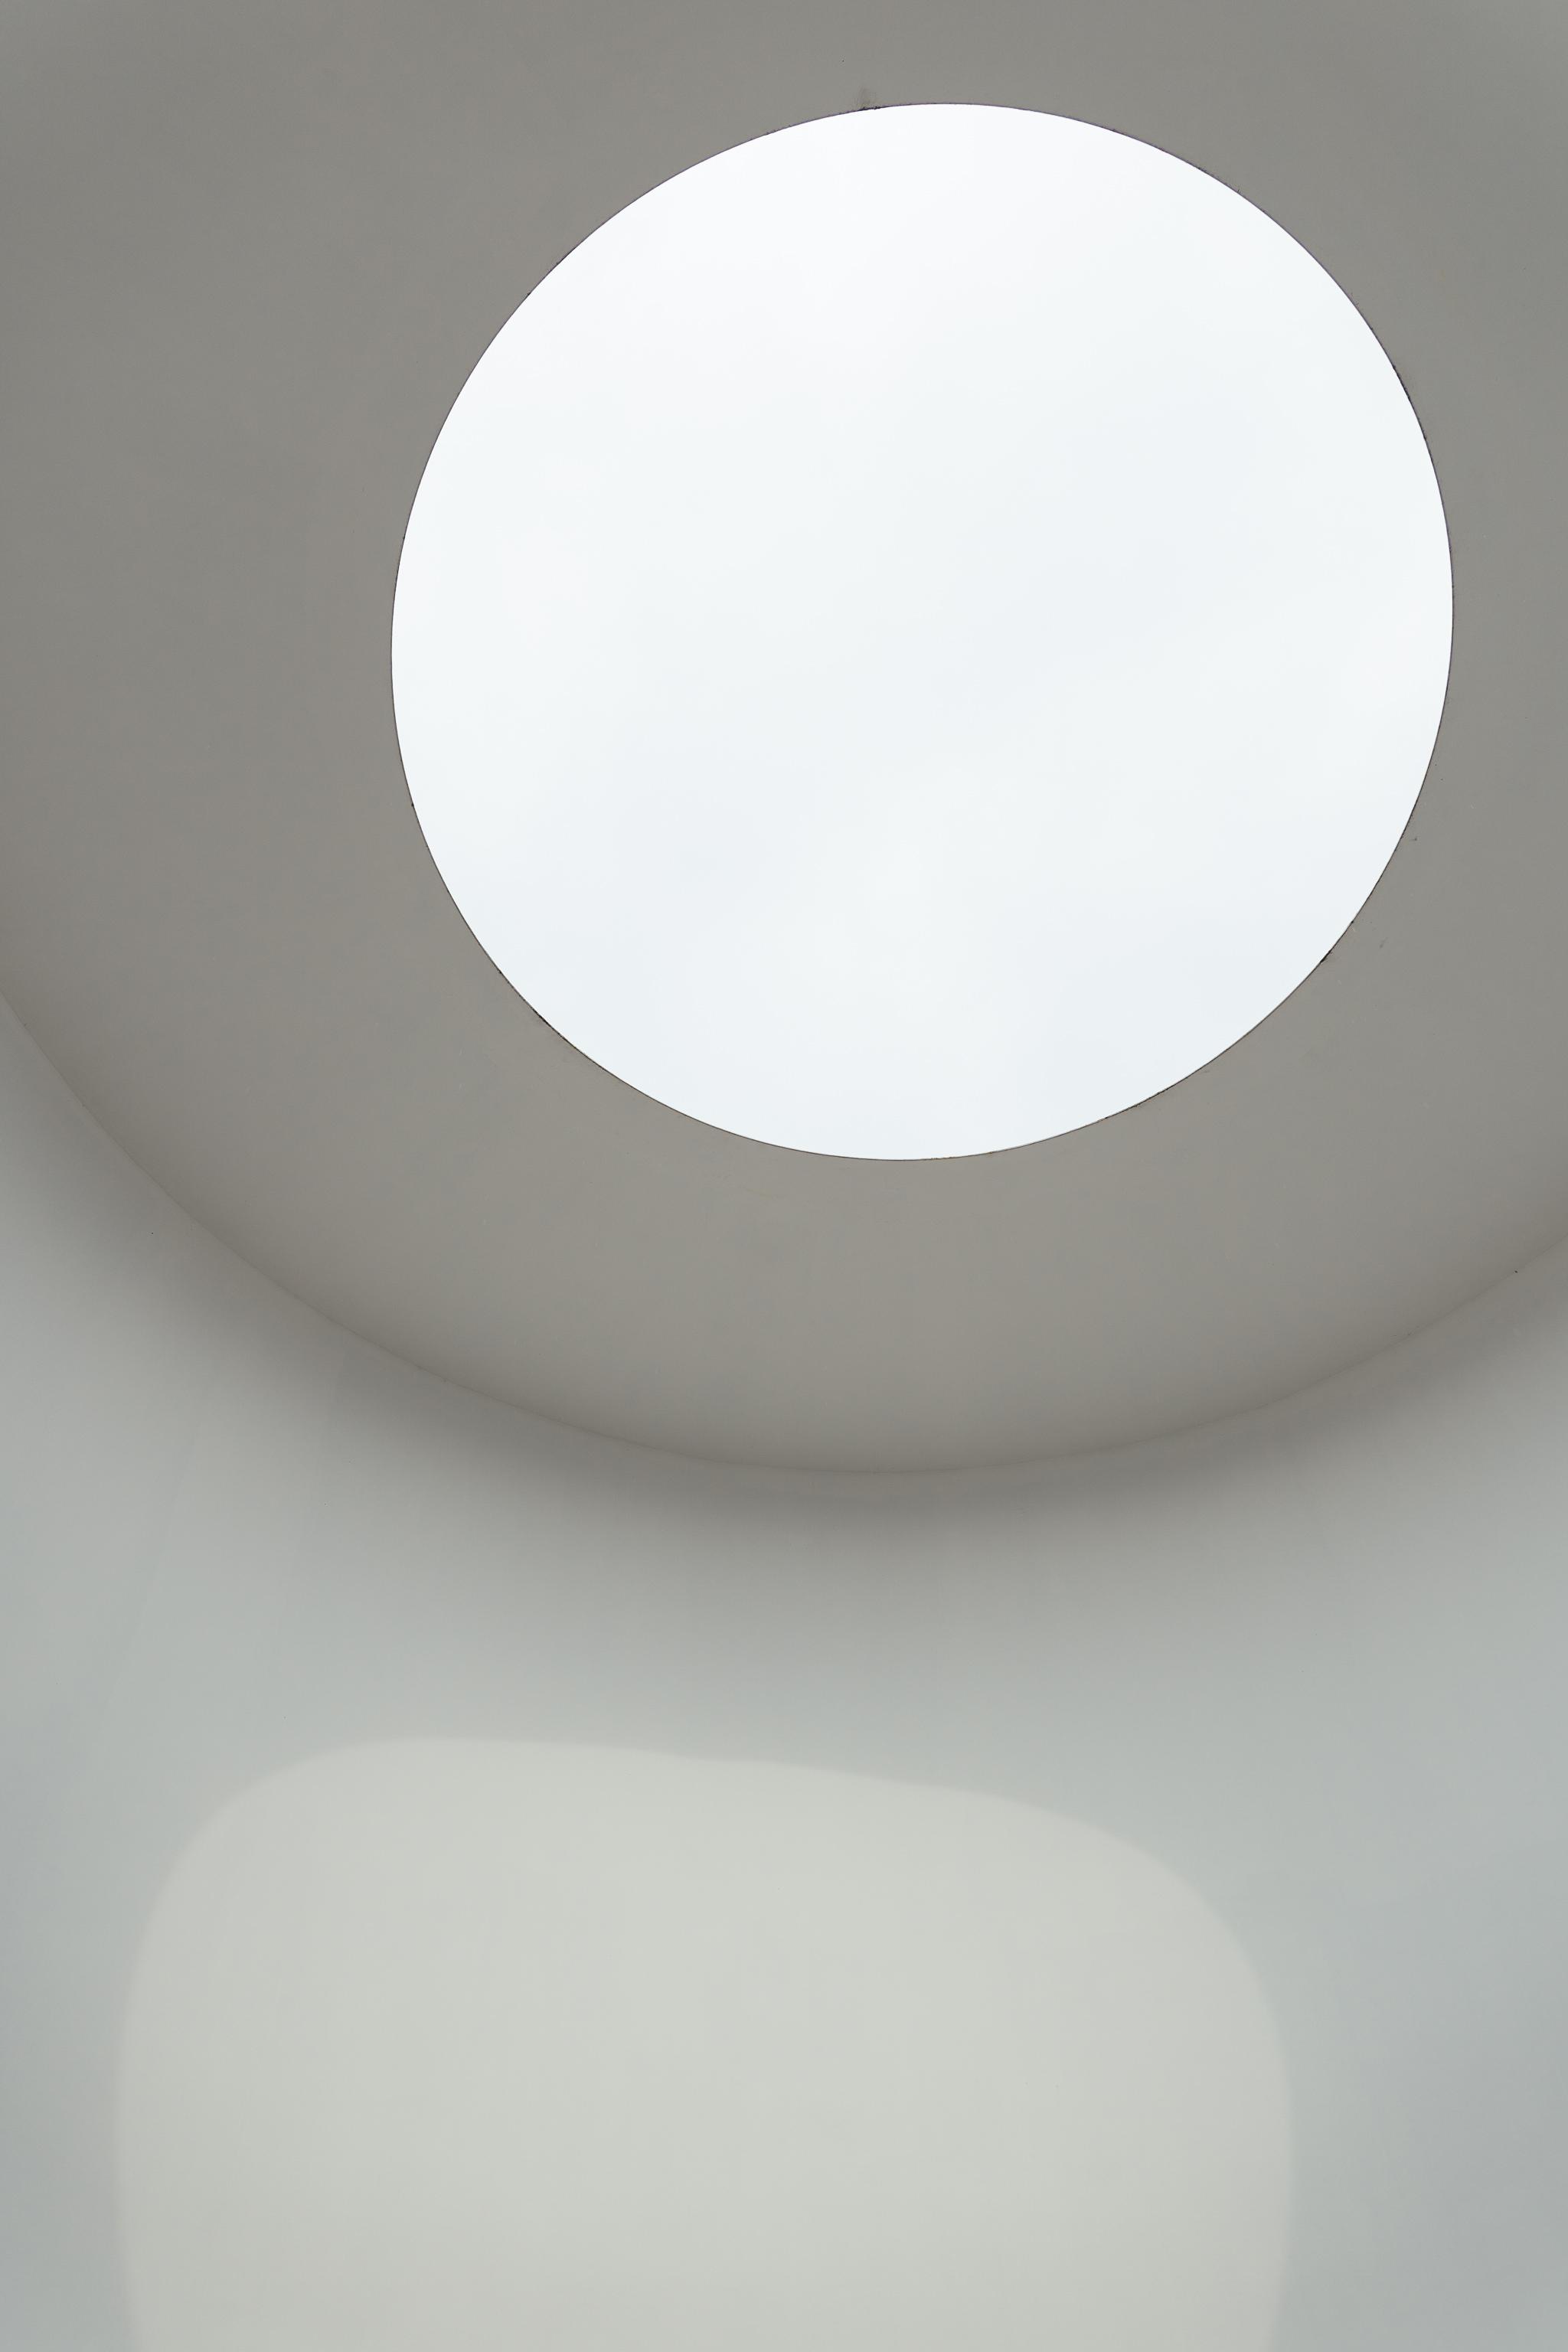 """Der Skyspace ,,Third Breath"""" - des wohl berühmtesten aller Lichtkünstler, James Turrell, entfaltet gerade um den Sonnenuntergang herum seine transzendentale, meditative Wirkung…Hier lässt sich gerade an Sommerabenden gedankenverloren ein Stündchen verbringen.Für die BesucherInnen unsichtbare LEDs verstärken das visuelle Erlebnis (beispielhaft zu sehen hier auf der Website des Künstlers).Der Skyspace übrigens ist ein eigenes Gebäude; es erinnert an eine Art Burg – glatte Betonwände, uneinnehmbar, mit ,,Schießscharten"""" als Ausguck auf Unna. Dass es ein eigenständiges Gebäude ist, wird einem übrigens erst nach dem Besteigen, aus den Gewölben des Kellers emporkommend, bewusst.Wann genau der Skyspace zum Sonnenuntergang begehbar ist, erfahrt Ihr hier."""